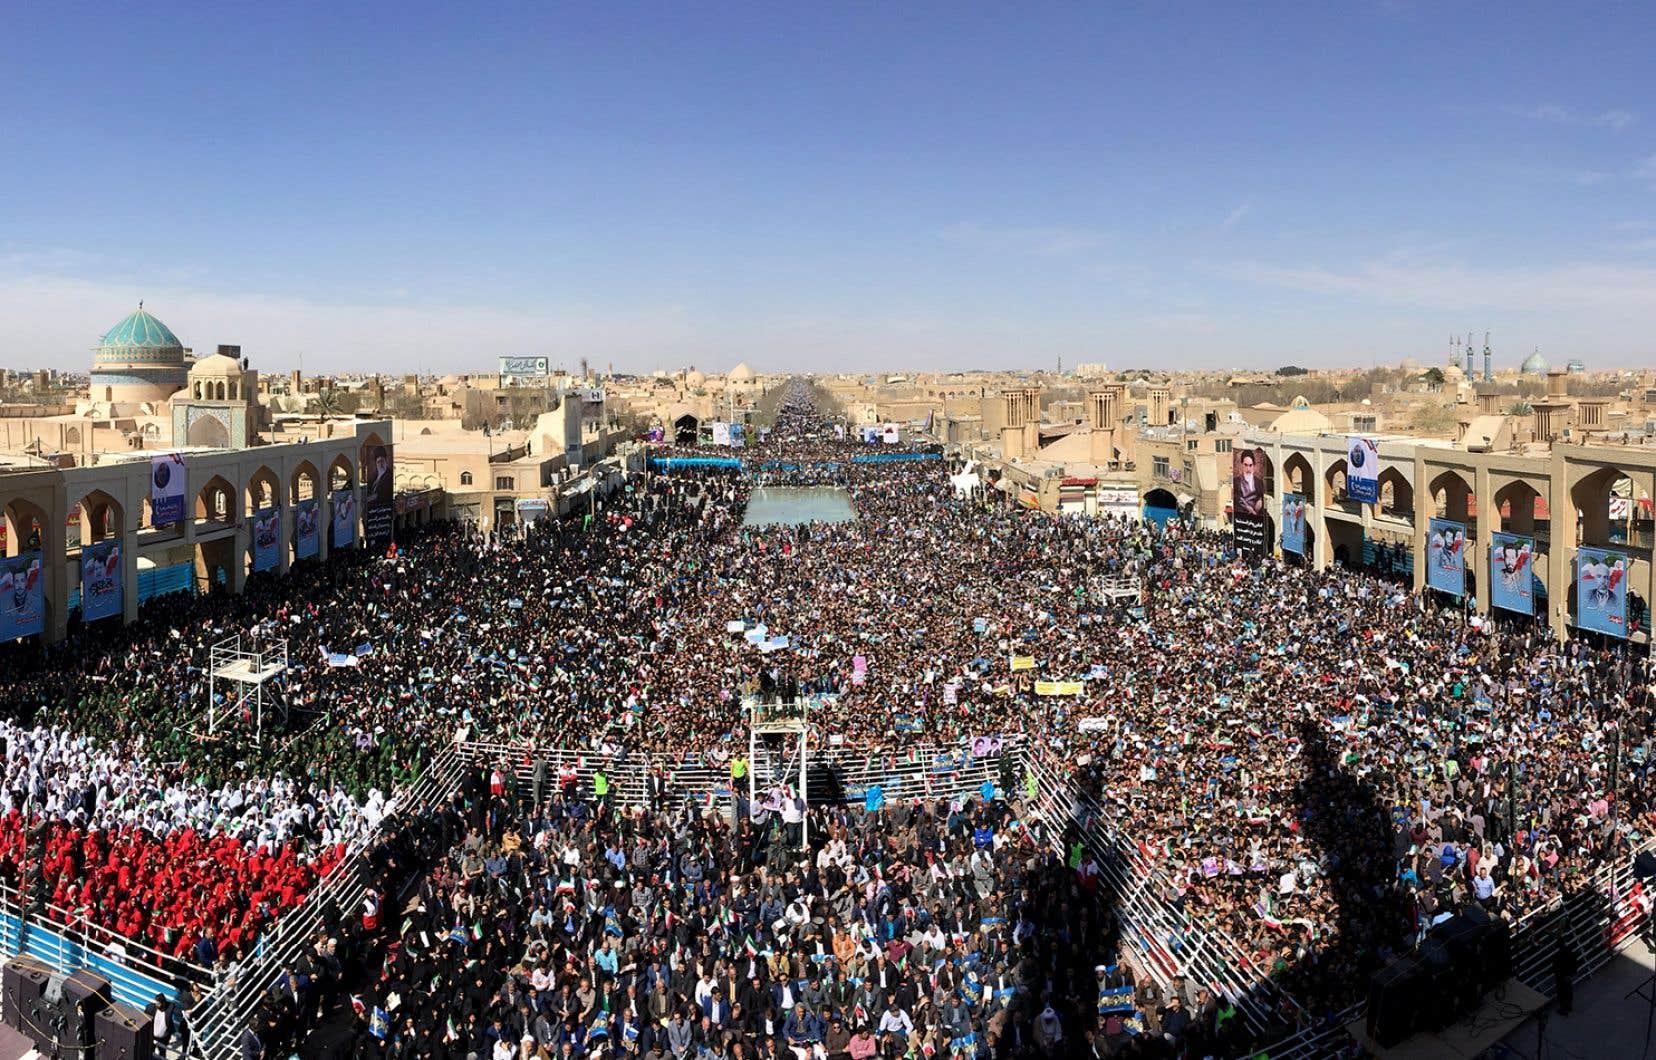 Une foule rassemblée pour un discours du président iranien Hassan Rouhani à Yazd le 7 mars 2016